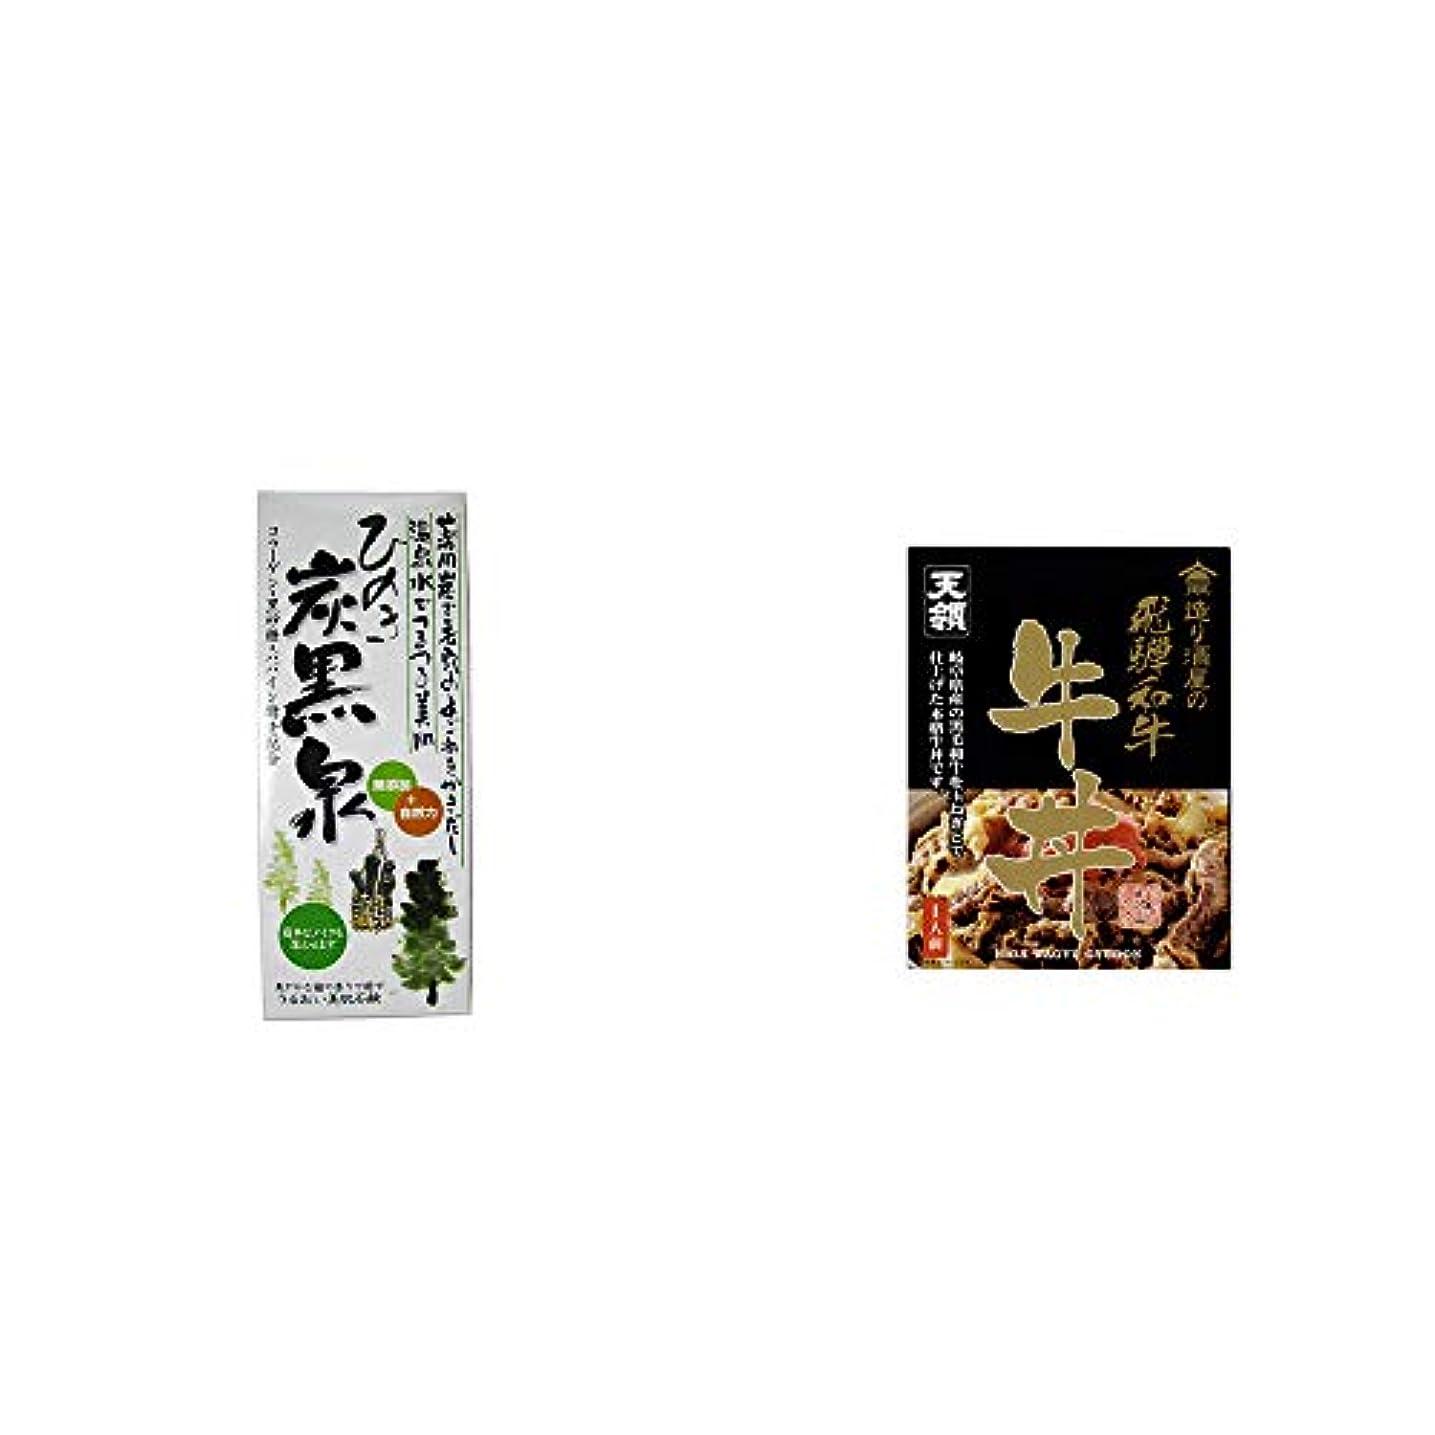 [2点セット] ひのき炭黒泉 箱入り(75g×3)?天領酒造 造り酒屋の飛騨和牛 牛丼(1人前)